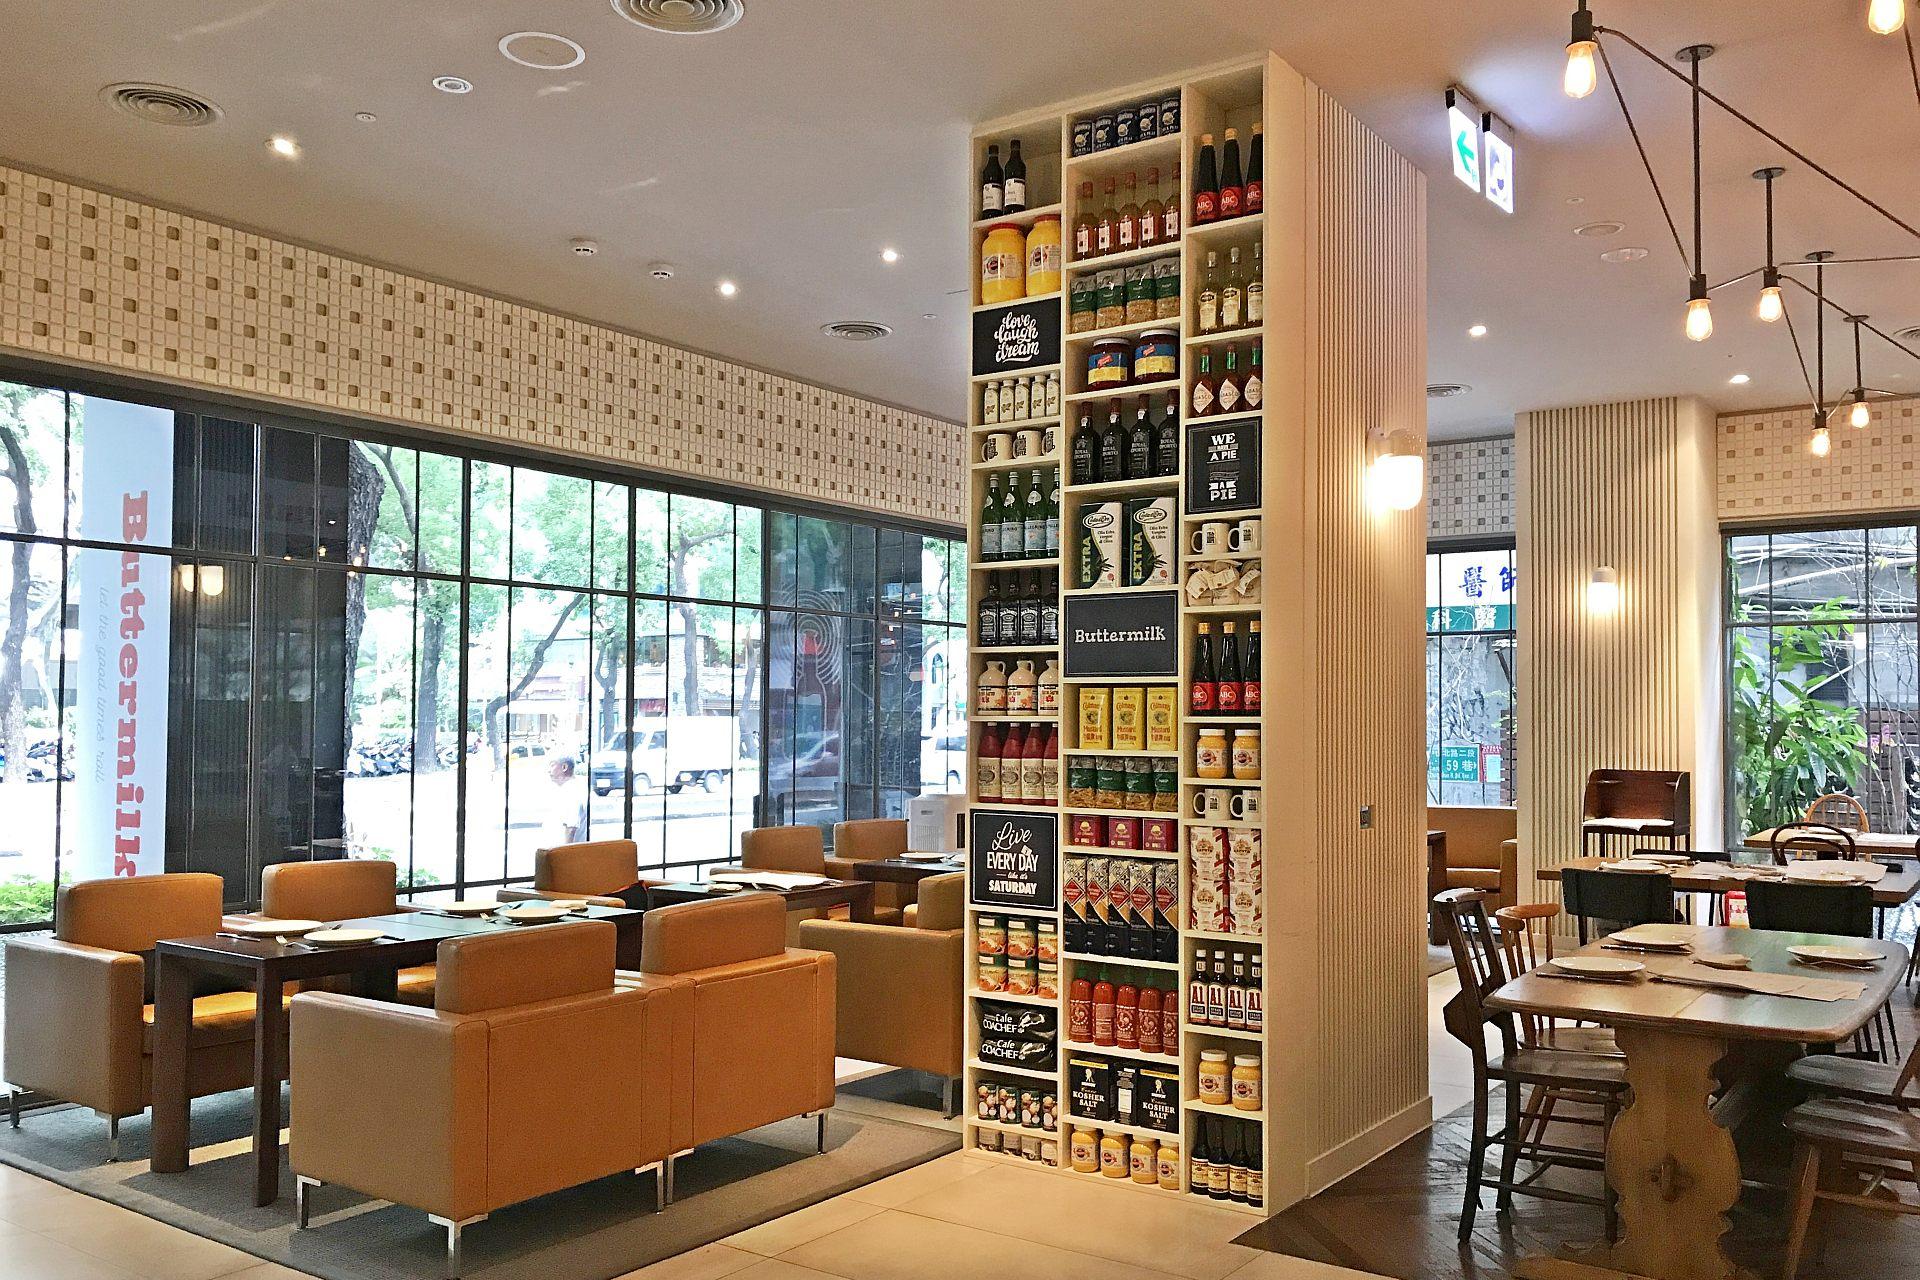 台北新餐廳 | Buttermilk 新美式餐廳 | 台北中山意舍酒店